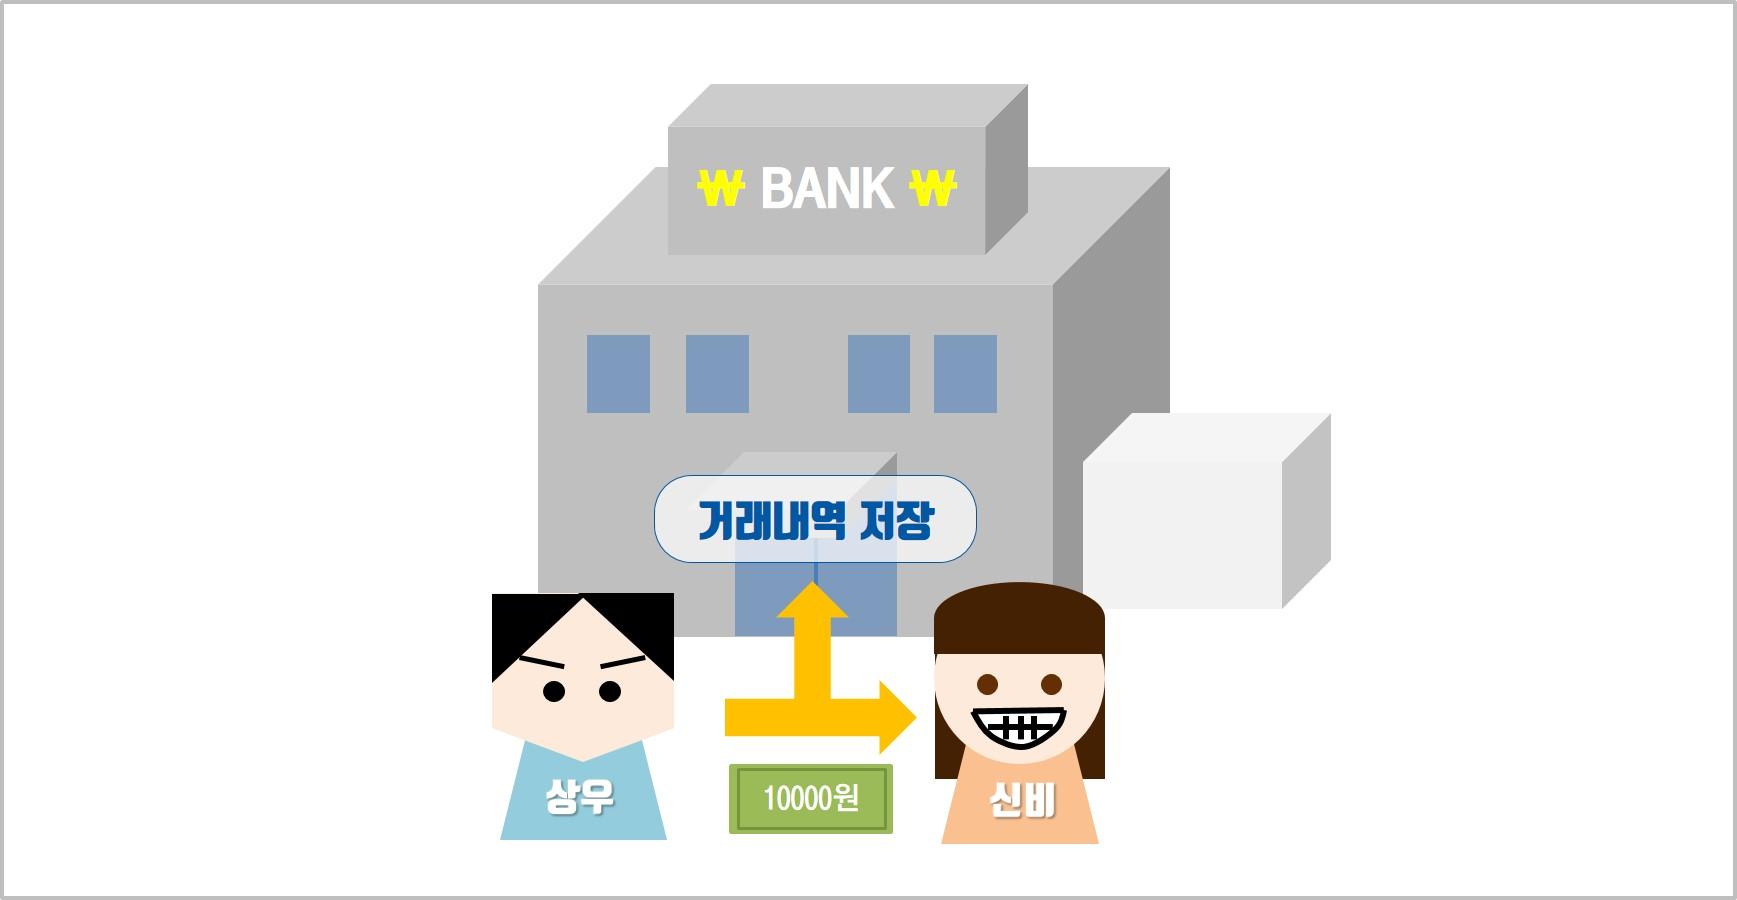 기존 화폐는 '공인된 제3자'인 은행을 통해 거래되었습니다.